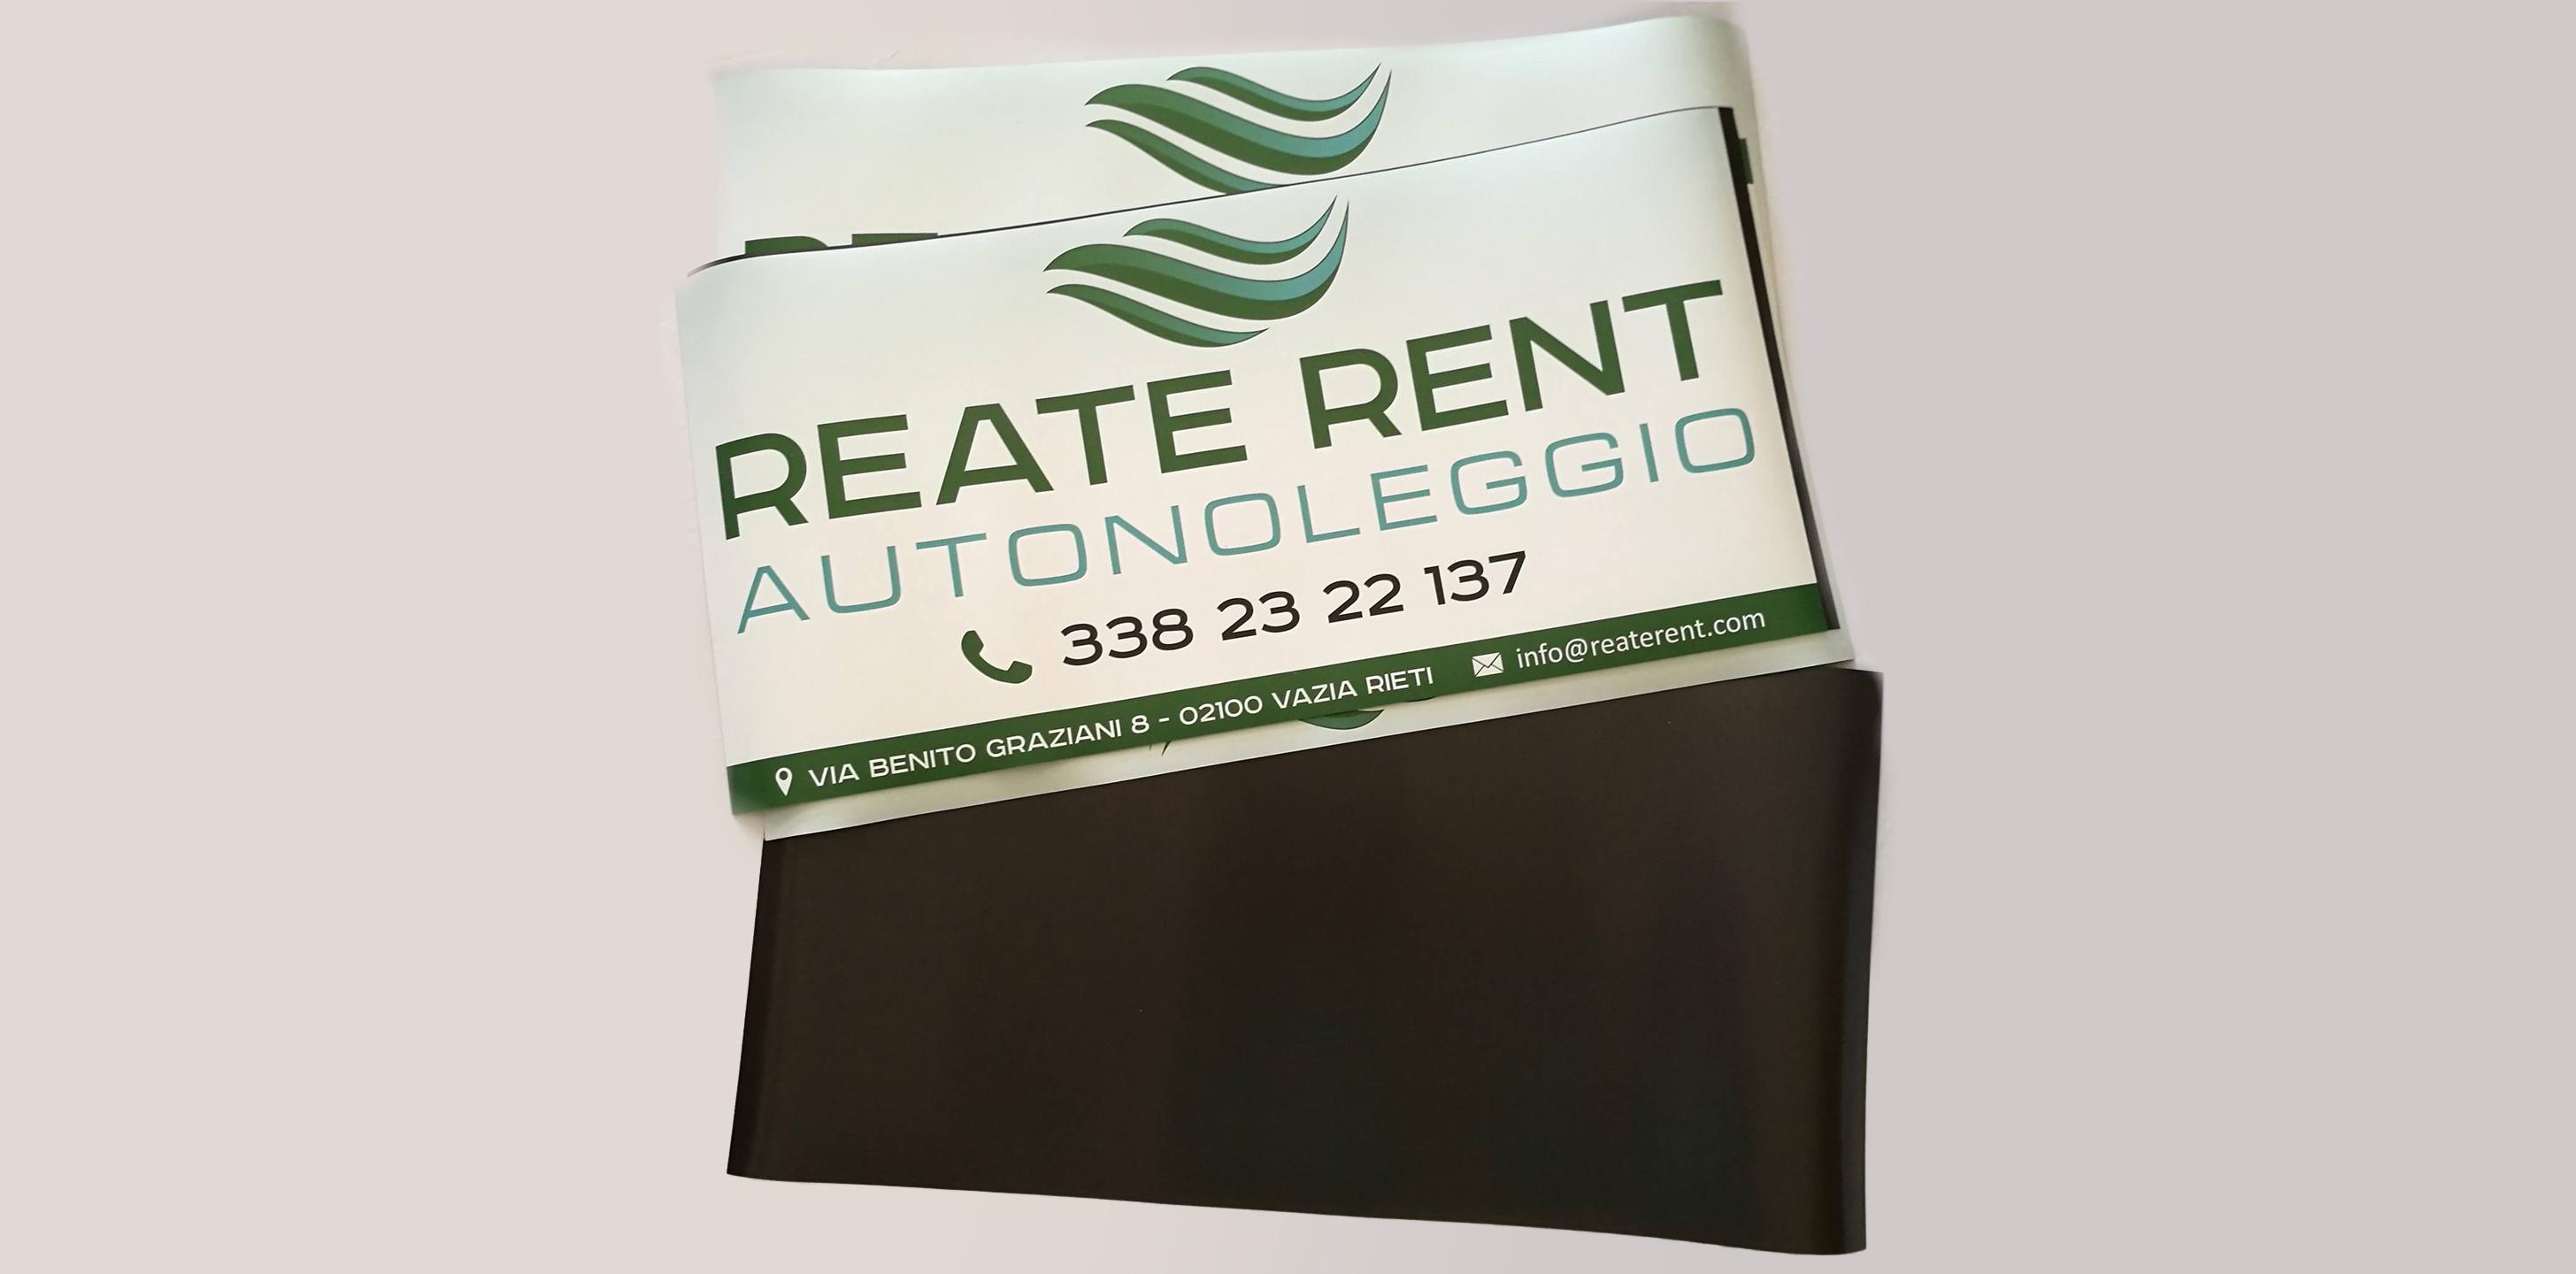 magneti-per-auto-reate-rent